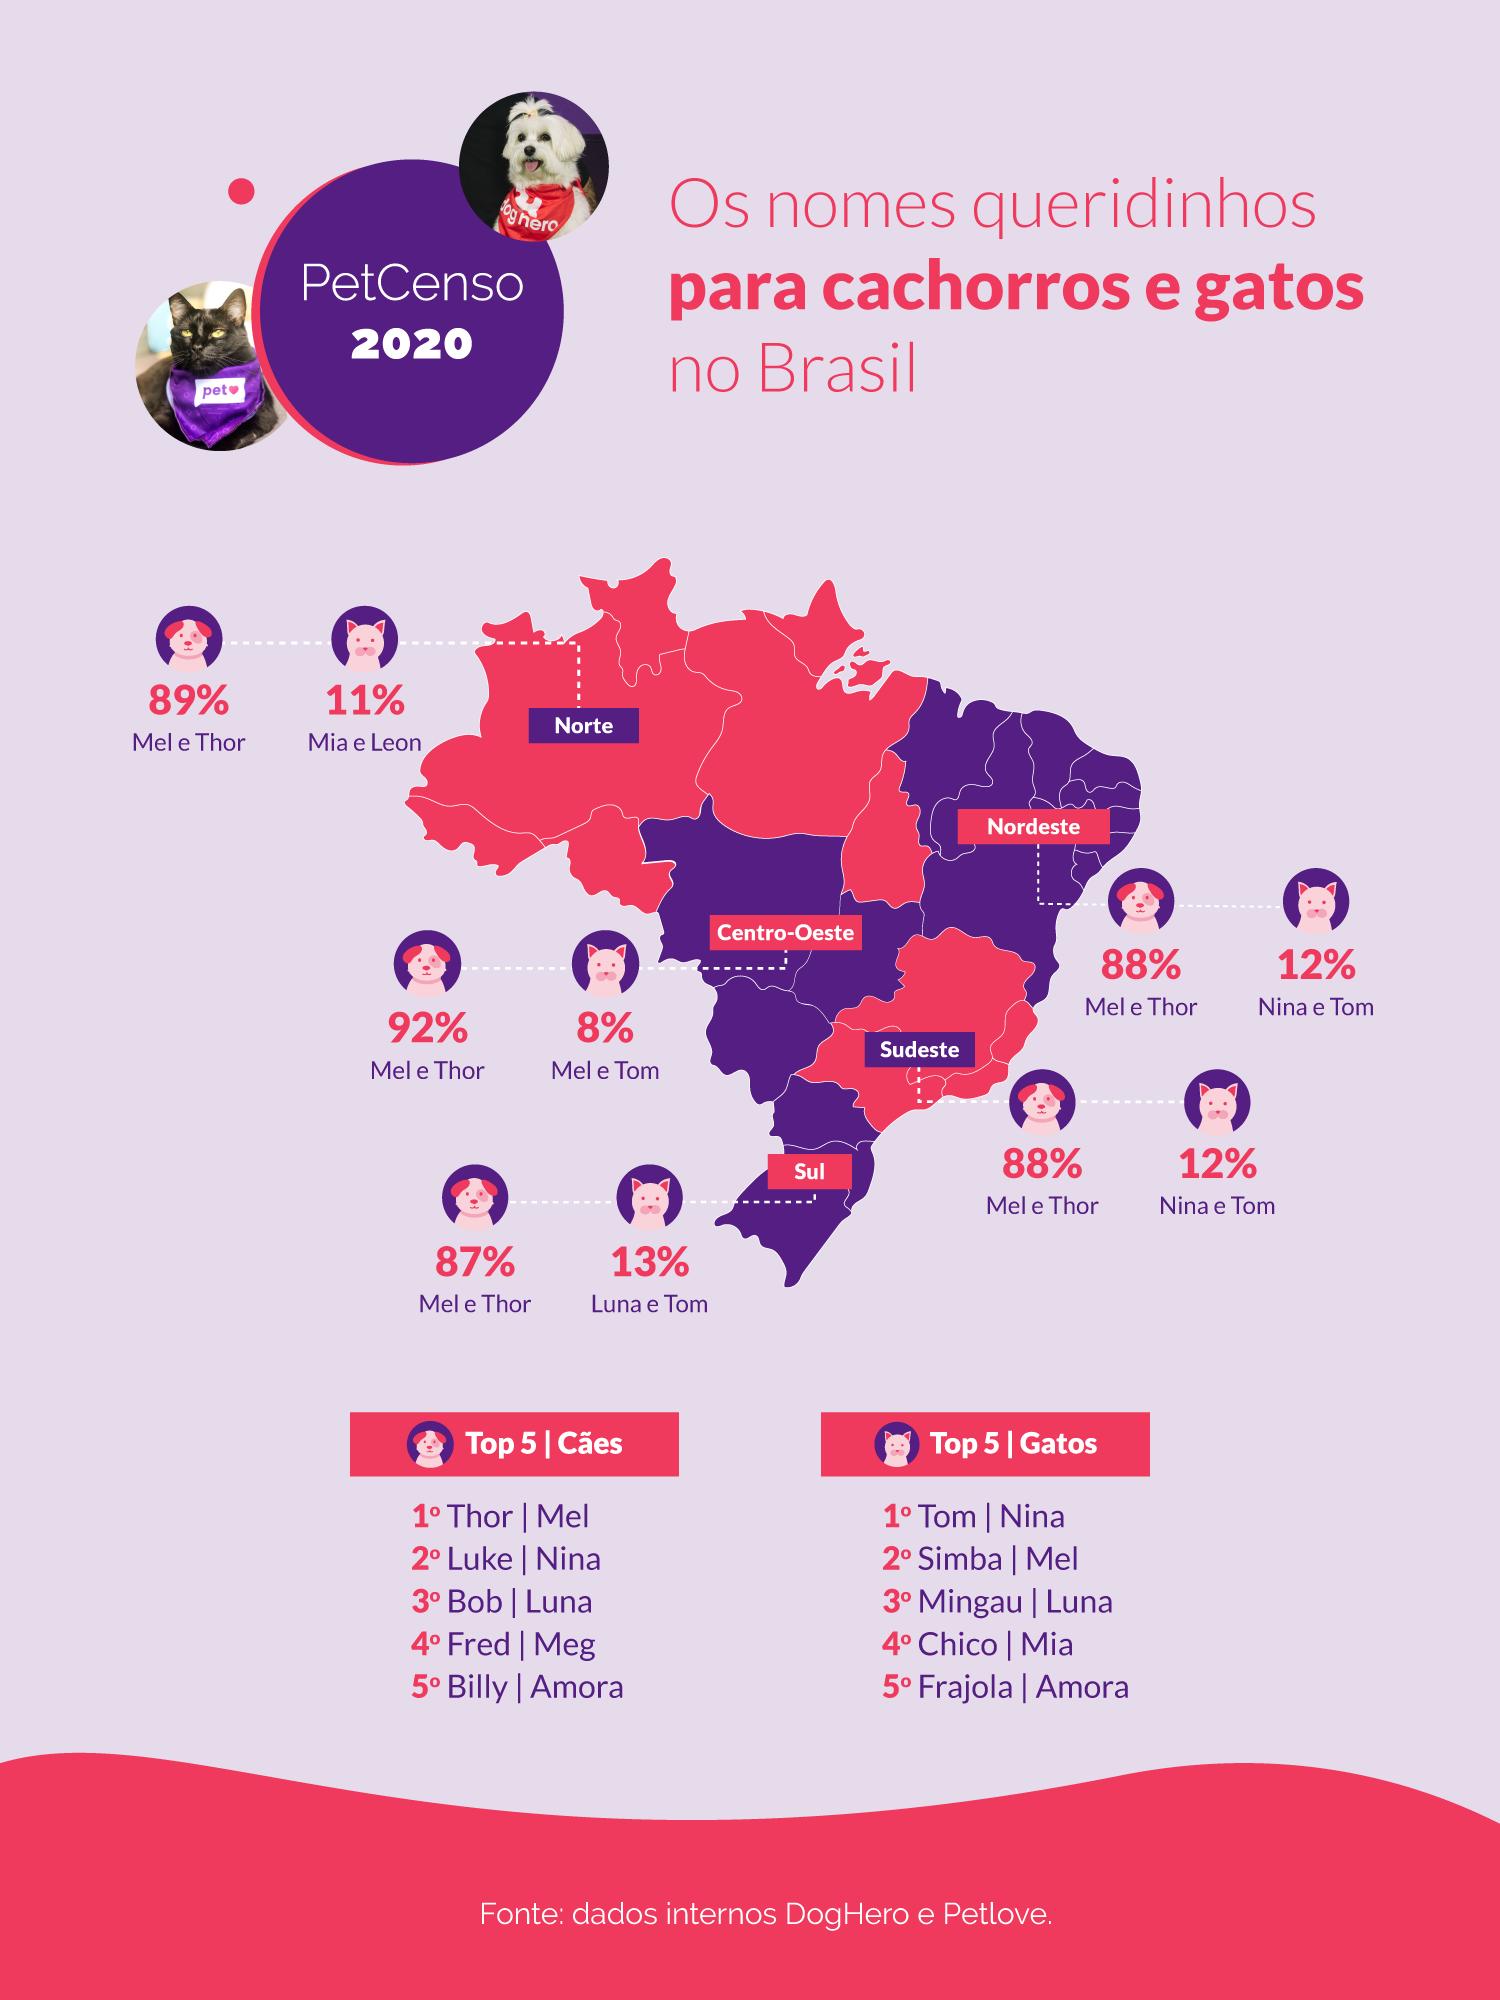 Gráfico mostra os nomes de cães e gatos mais populares no país, além das raças mais queridas do brasileiros